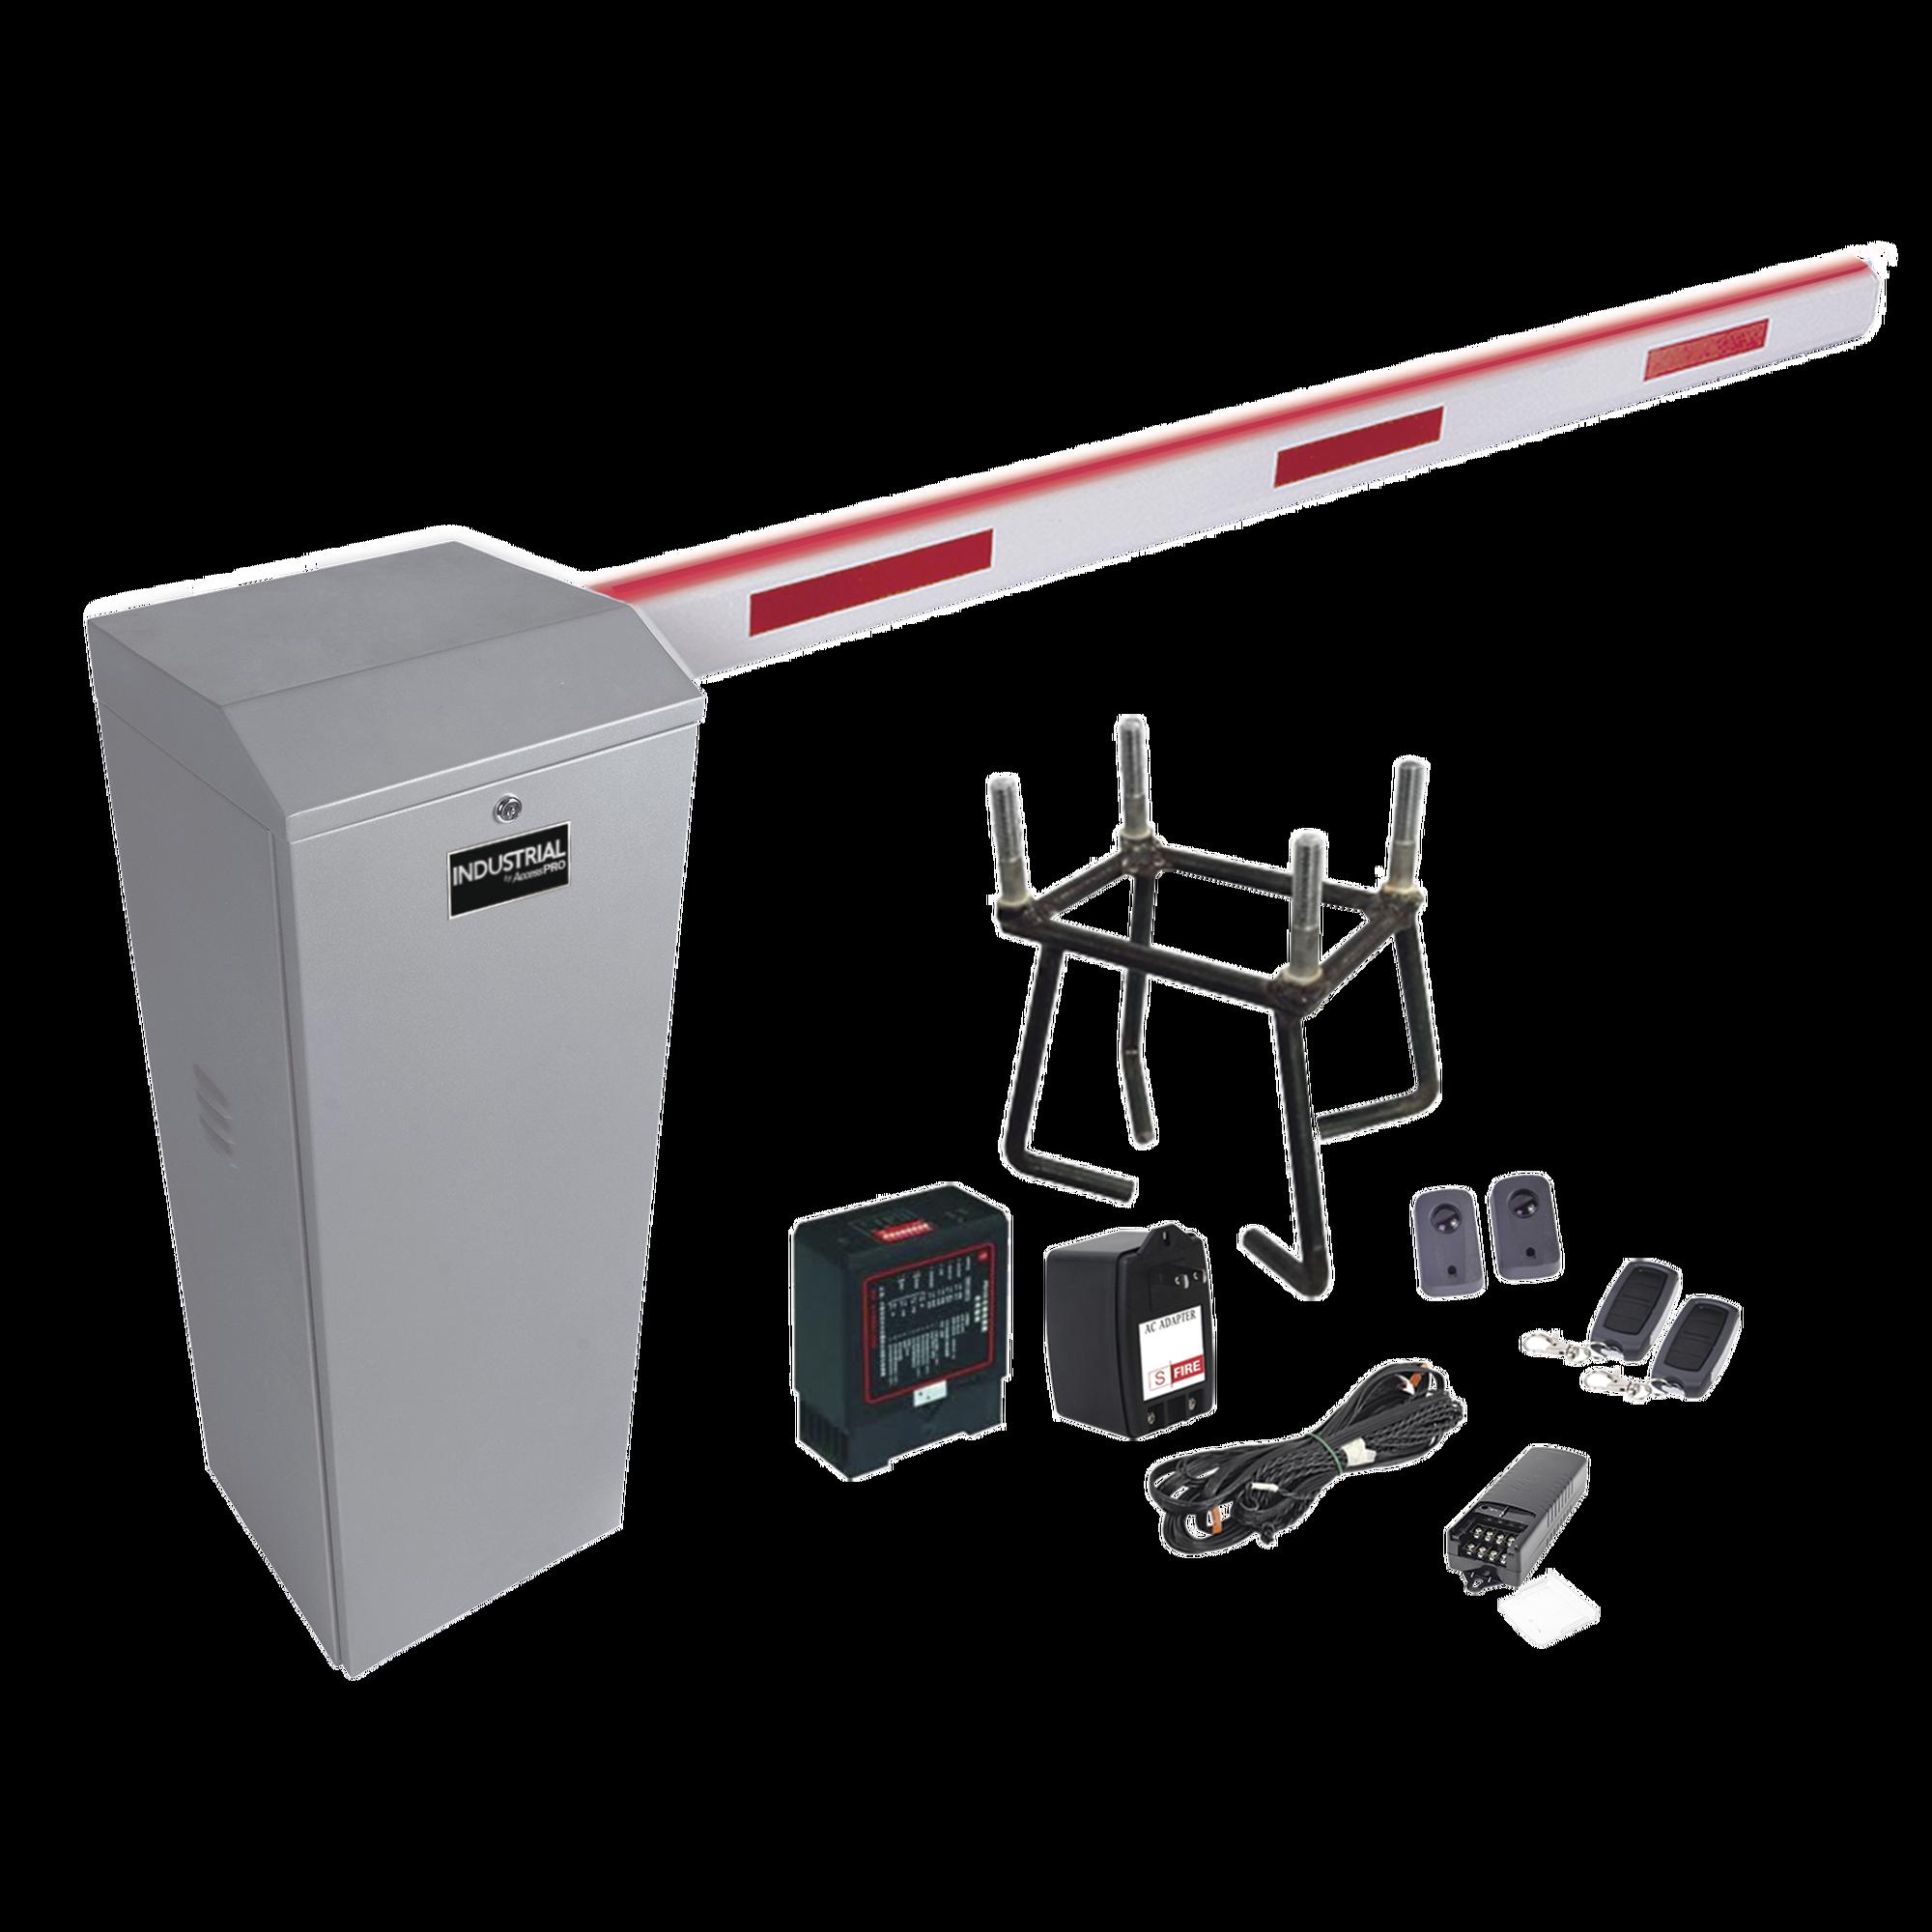 Kit COMPLETO Barrera Derecha XB / 3M / Iluminacion LED Rojo-Verde / Incluye Sensor de masa, Transformador, Lazo, Ancla, Fotoceldas y 2 Controles Inalámbricos